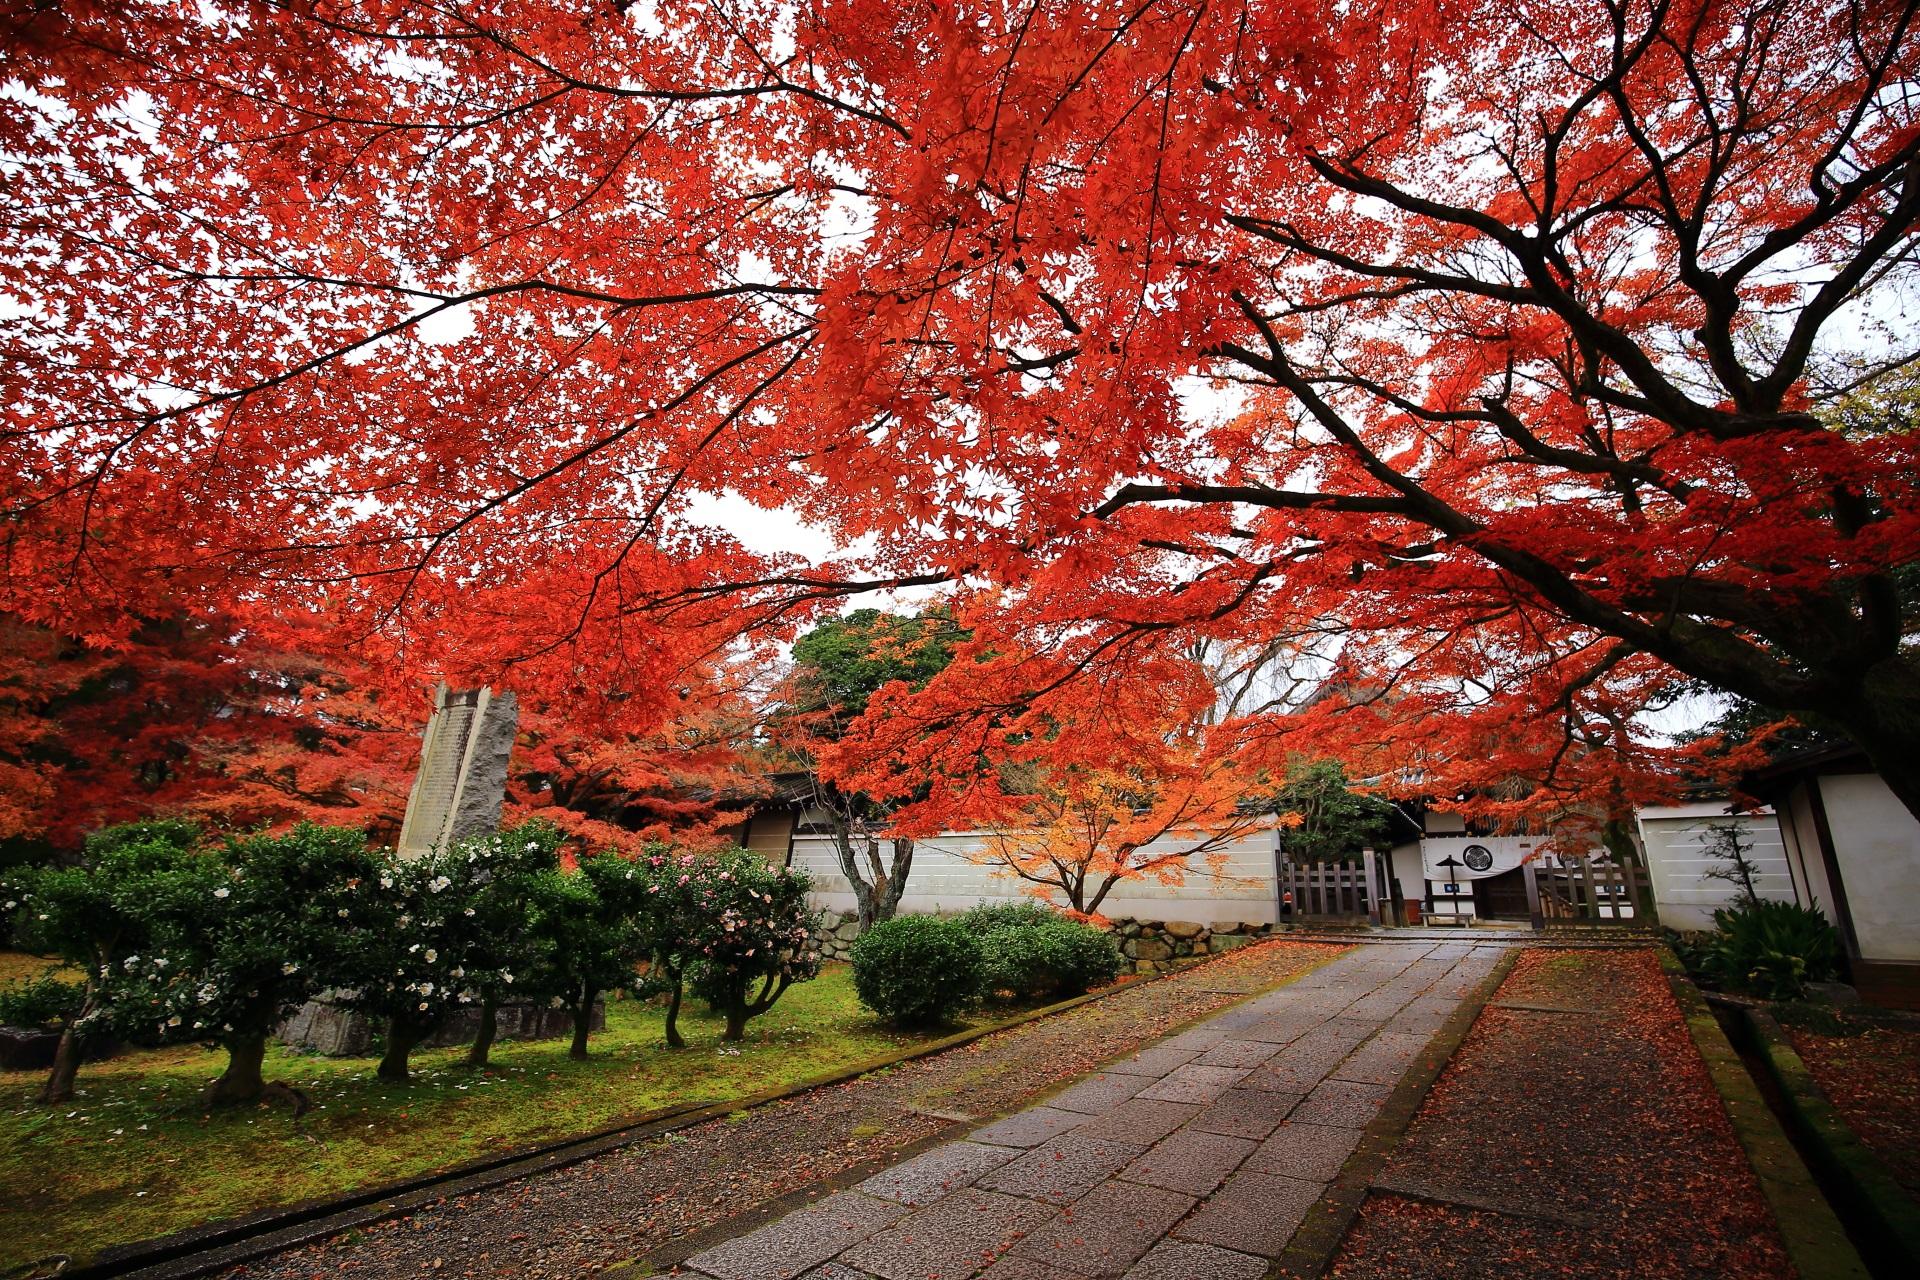 晩秋の養源院を彩る圧巻の紅葉